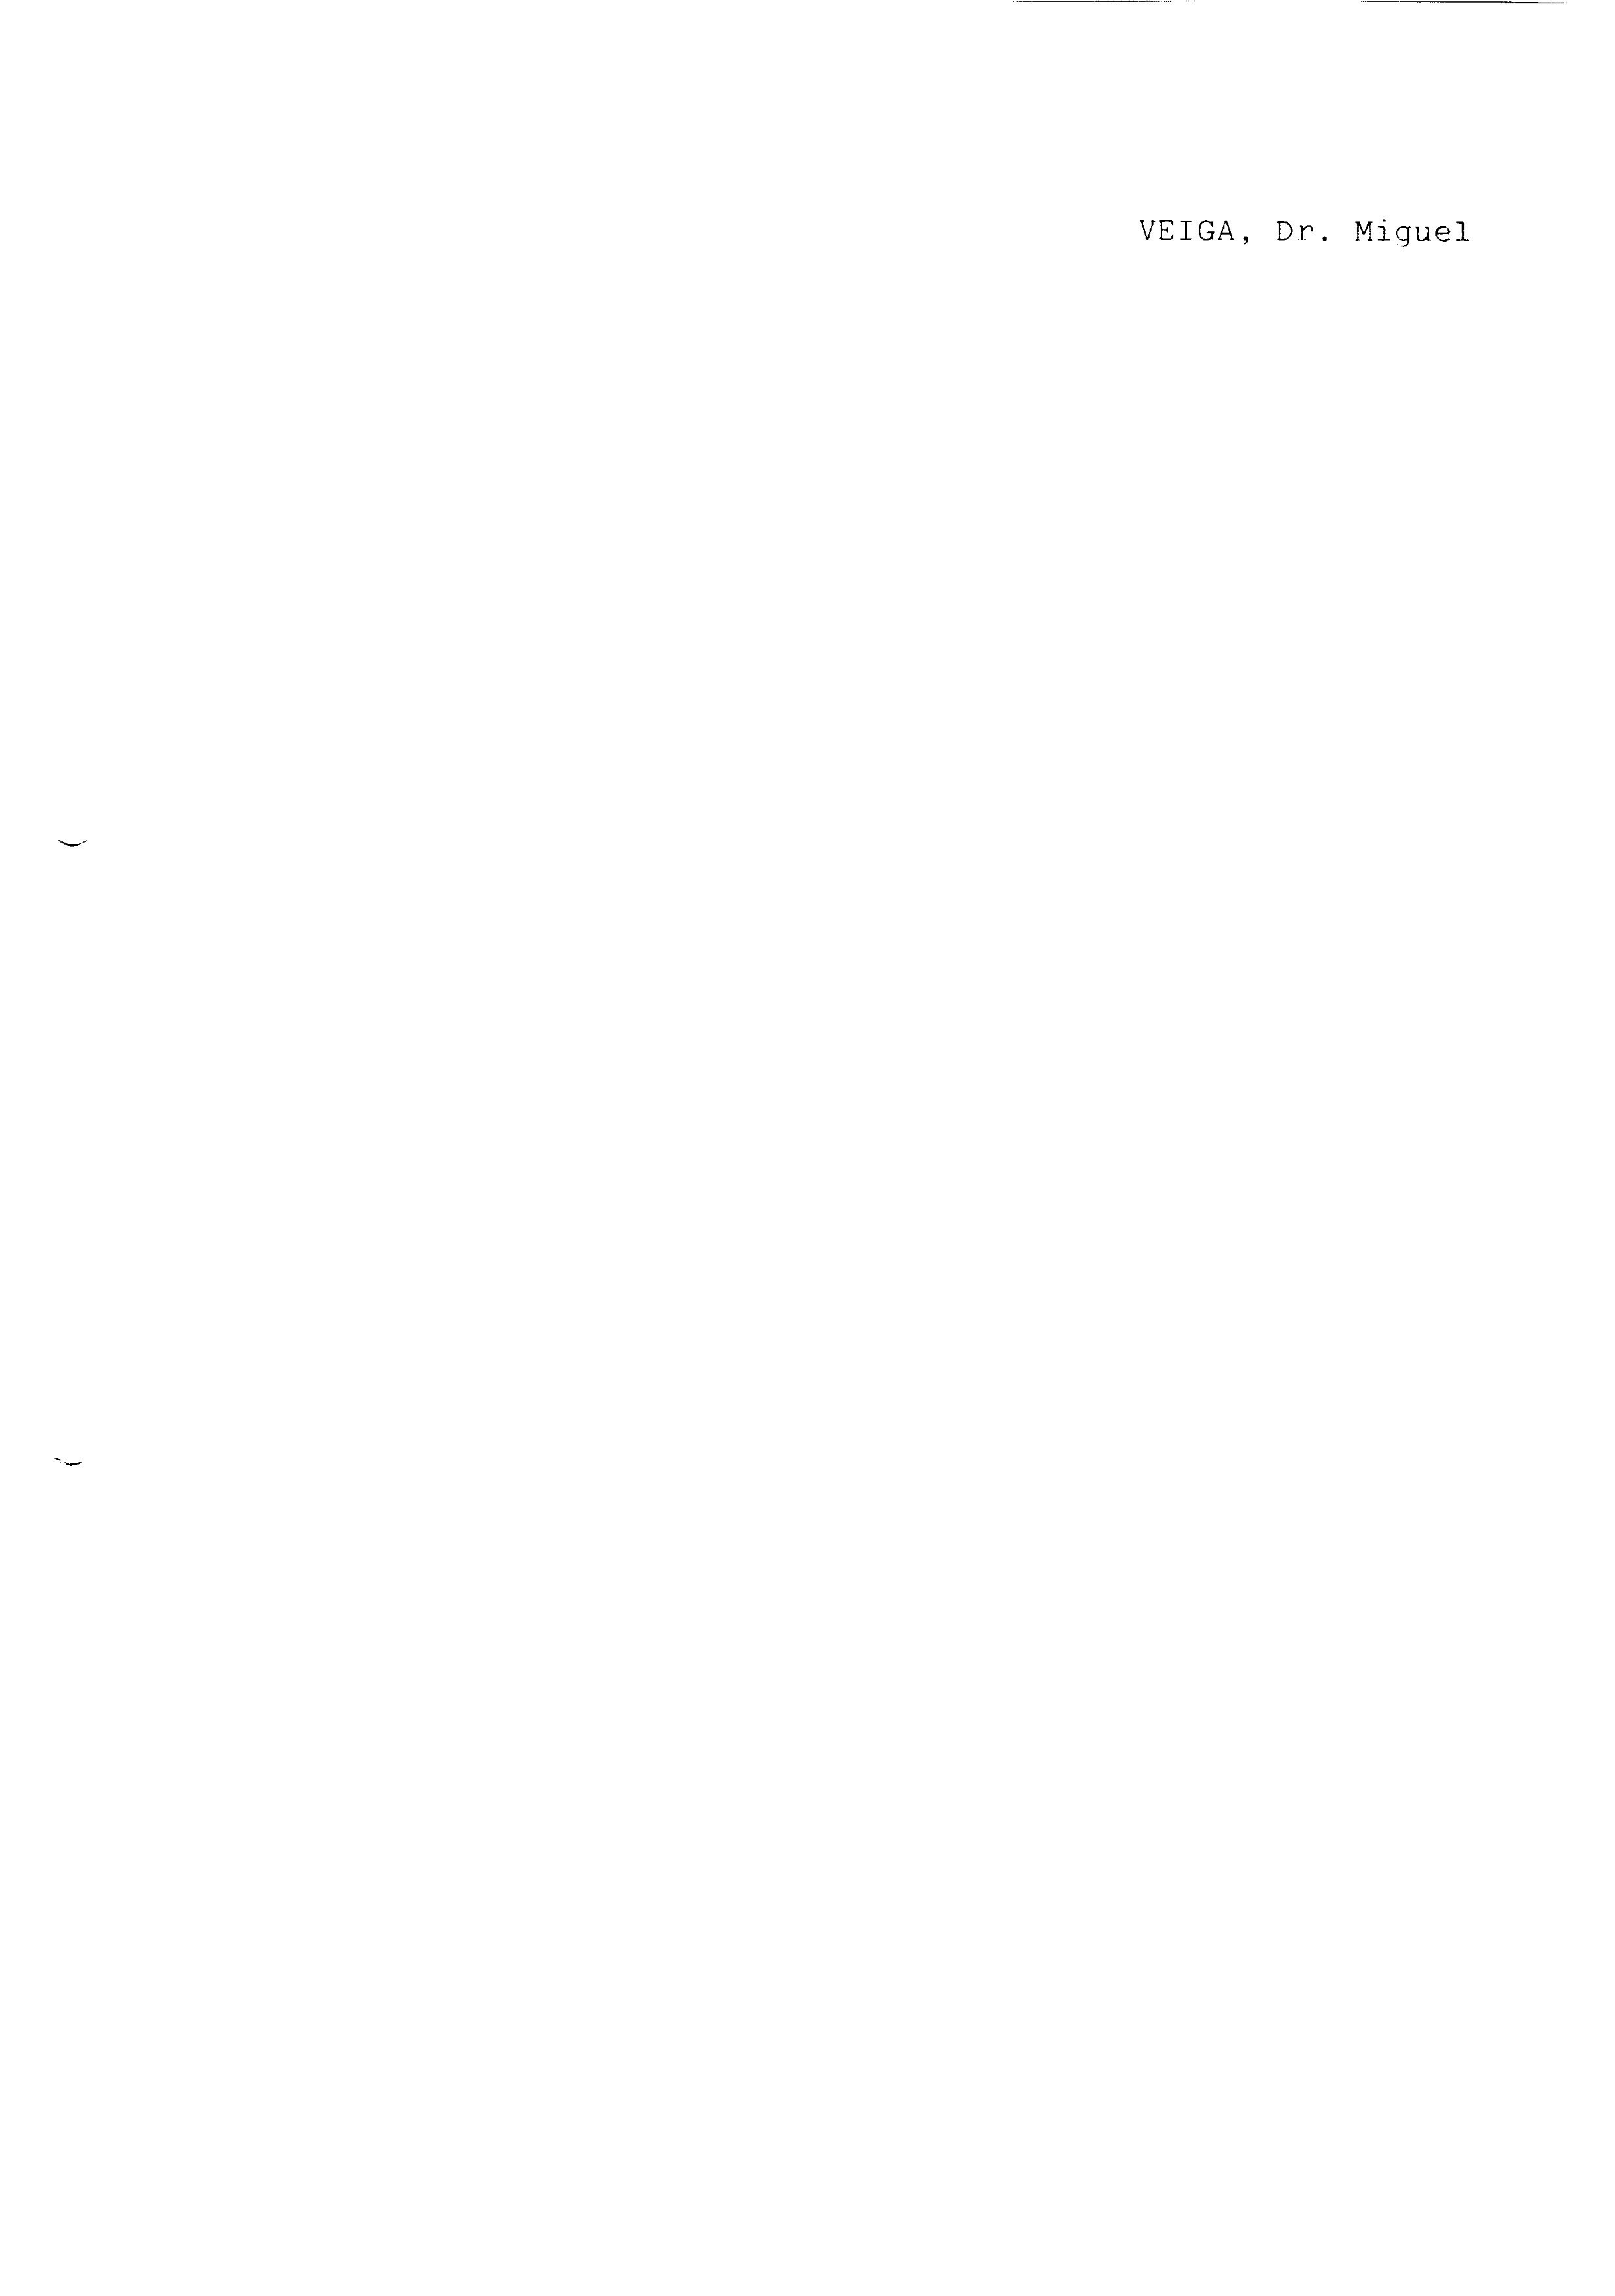 02004.021- pag.1